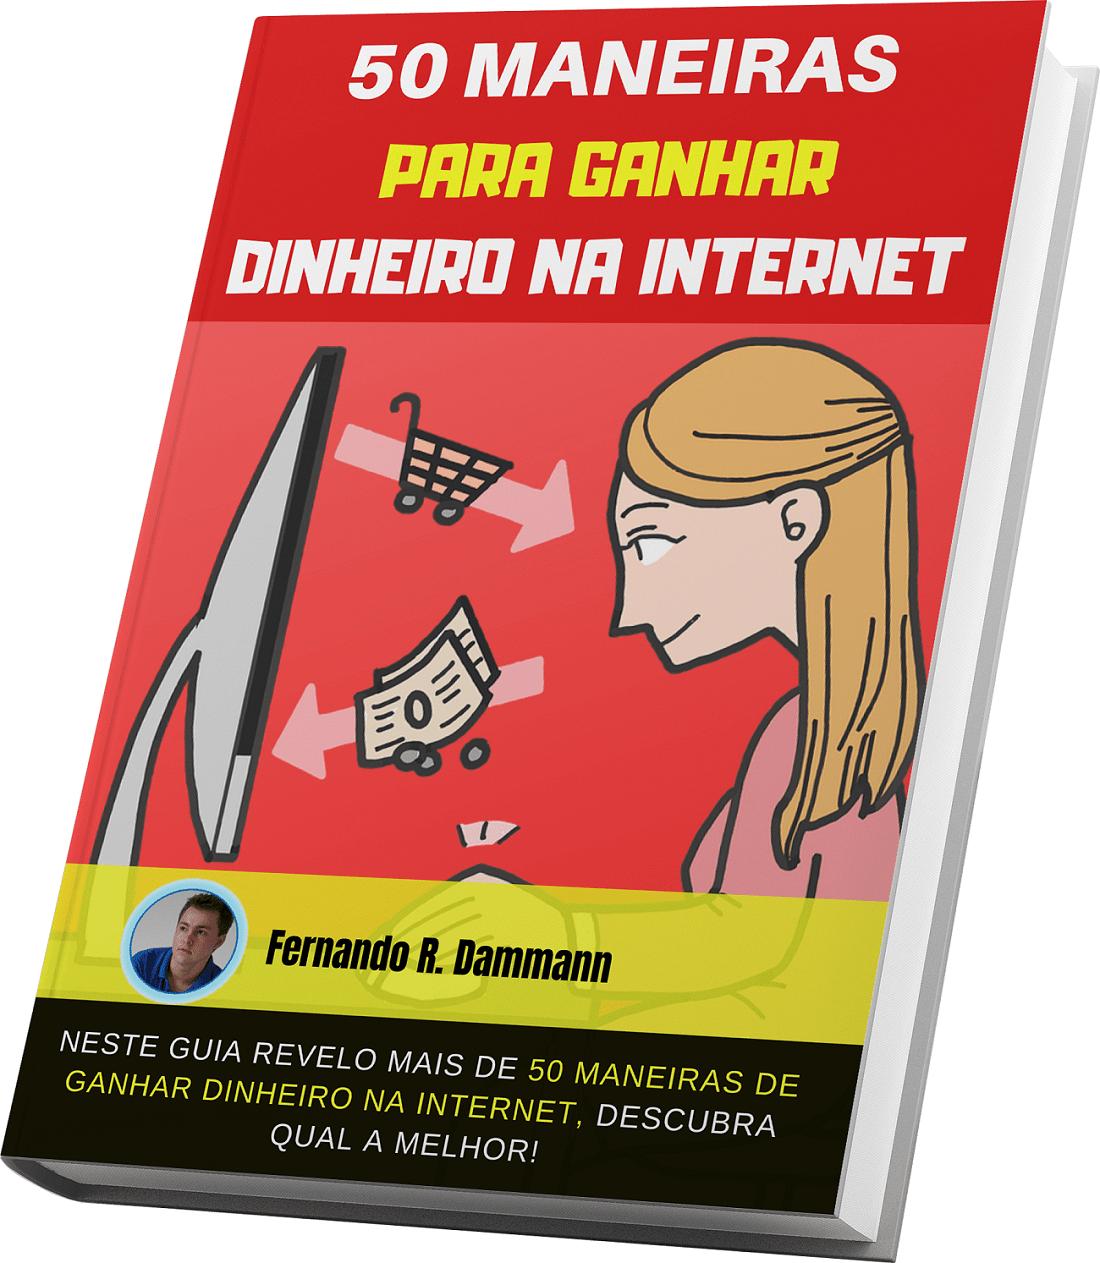 50 MANEIRAS PARA GANHAR DINHEIRO NA INTERNET